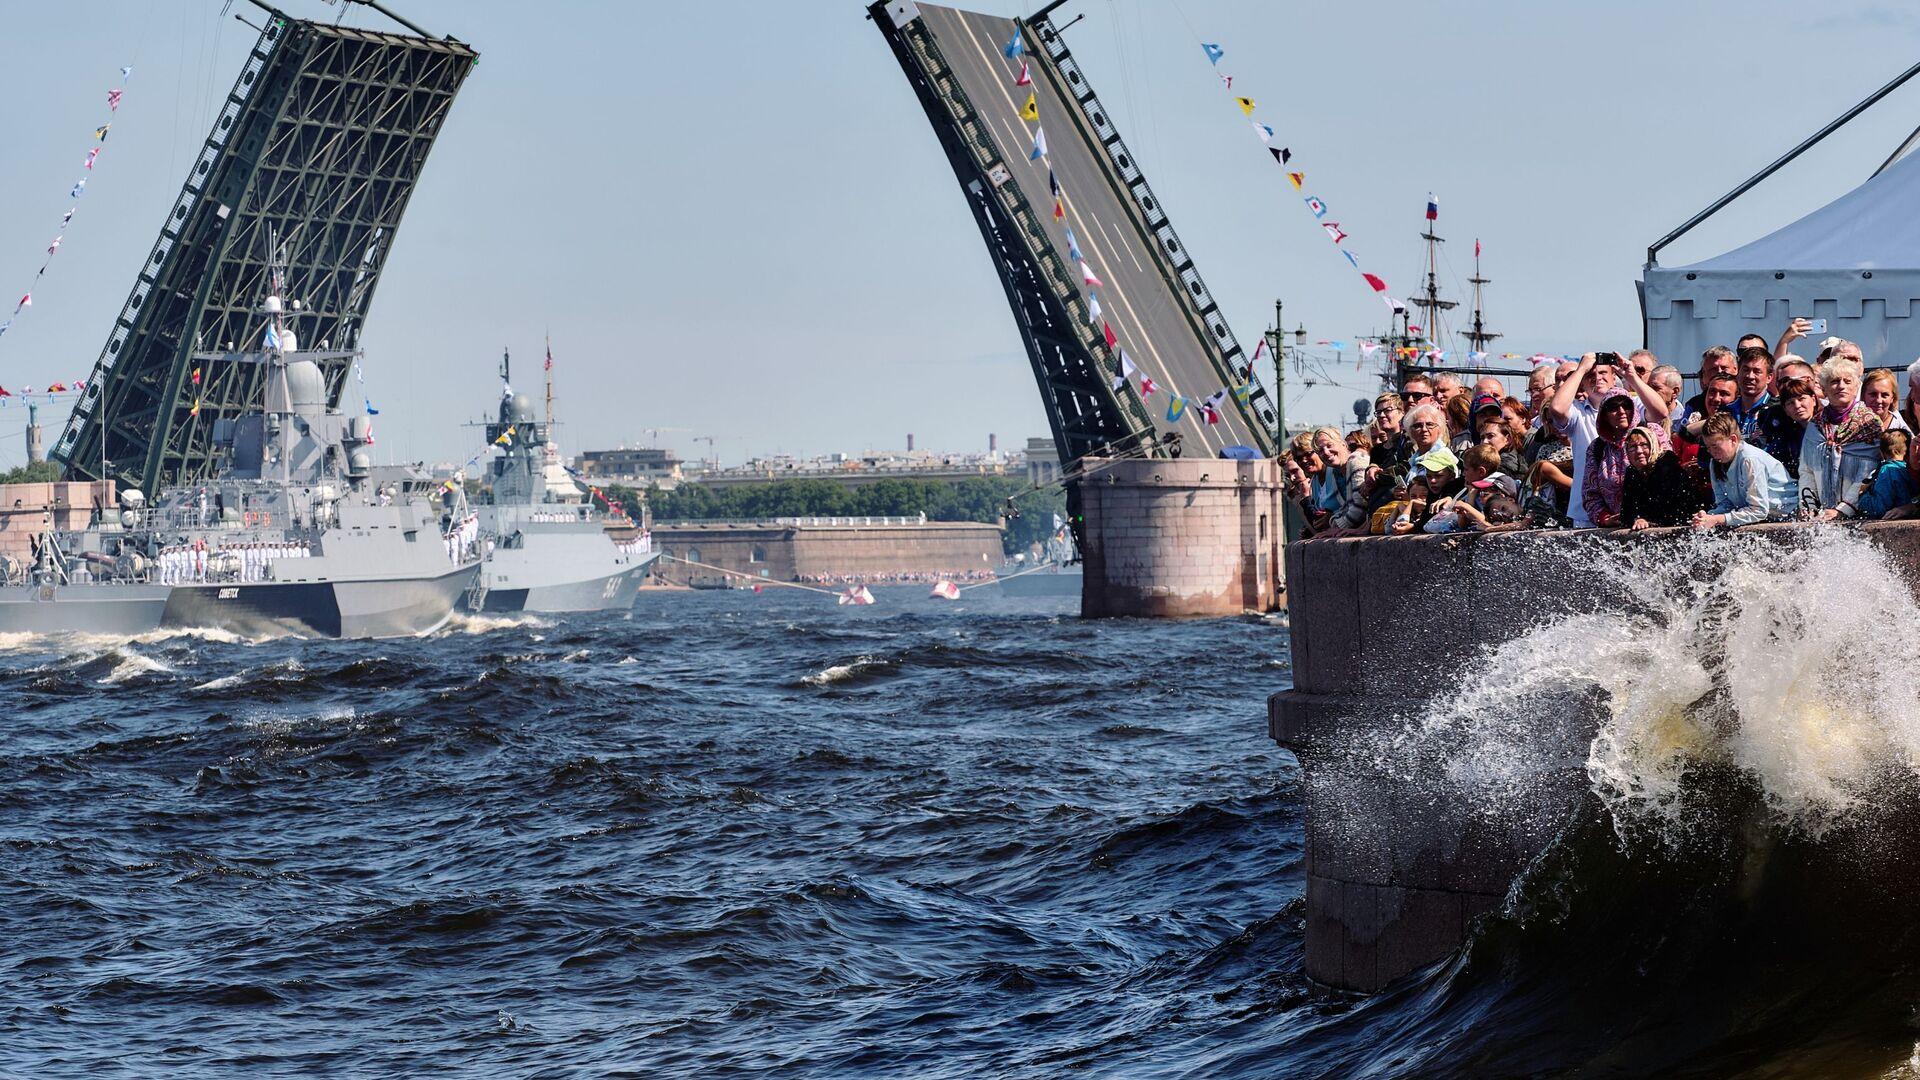 Малый ракетный корабль проекта 22800 Советск и малый ракетный корабль проекта 21631 Серпухов на репетиции парада ко Дню ВМФ в Санкт-Петербурге - Sputnik Србија, 1920, 13.07.2021